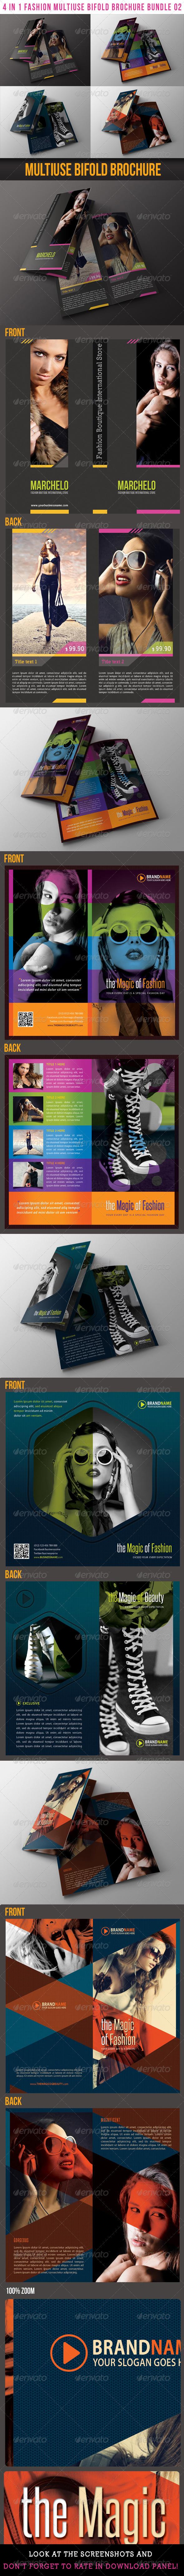 GraphicRiver 4 in 1 Fashion Multiuse Bifold Brochure Bundle 02 6552383